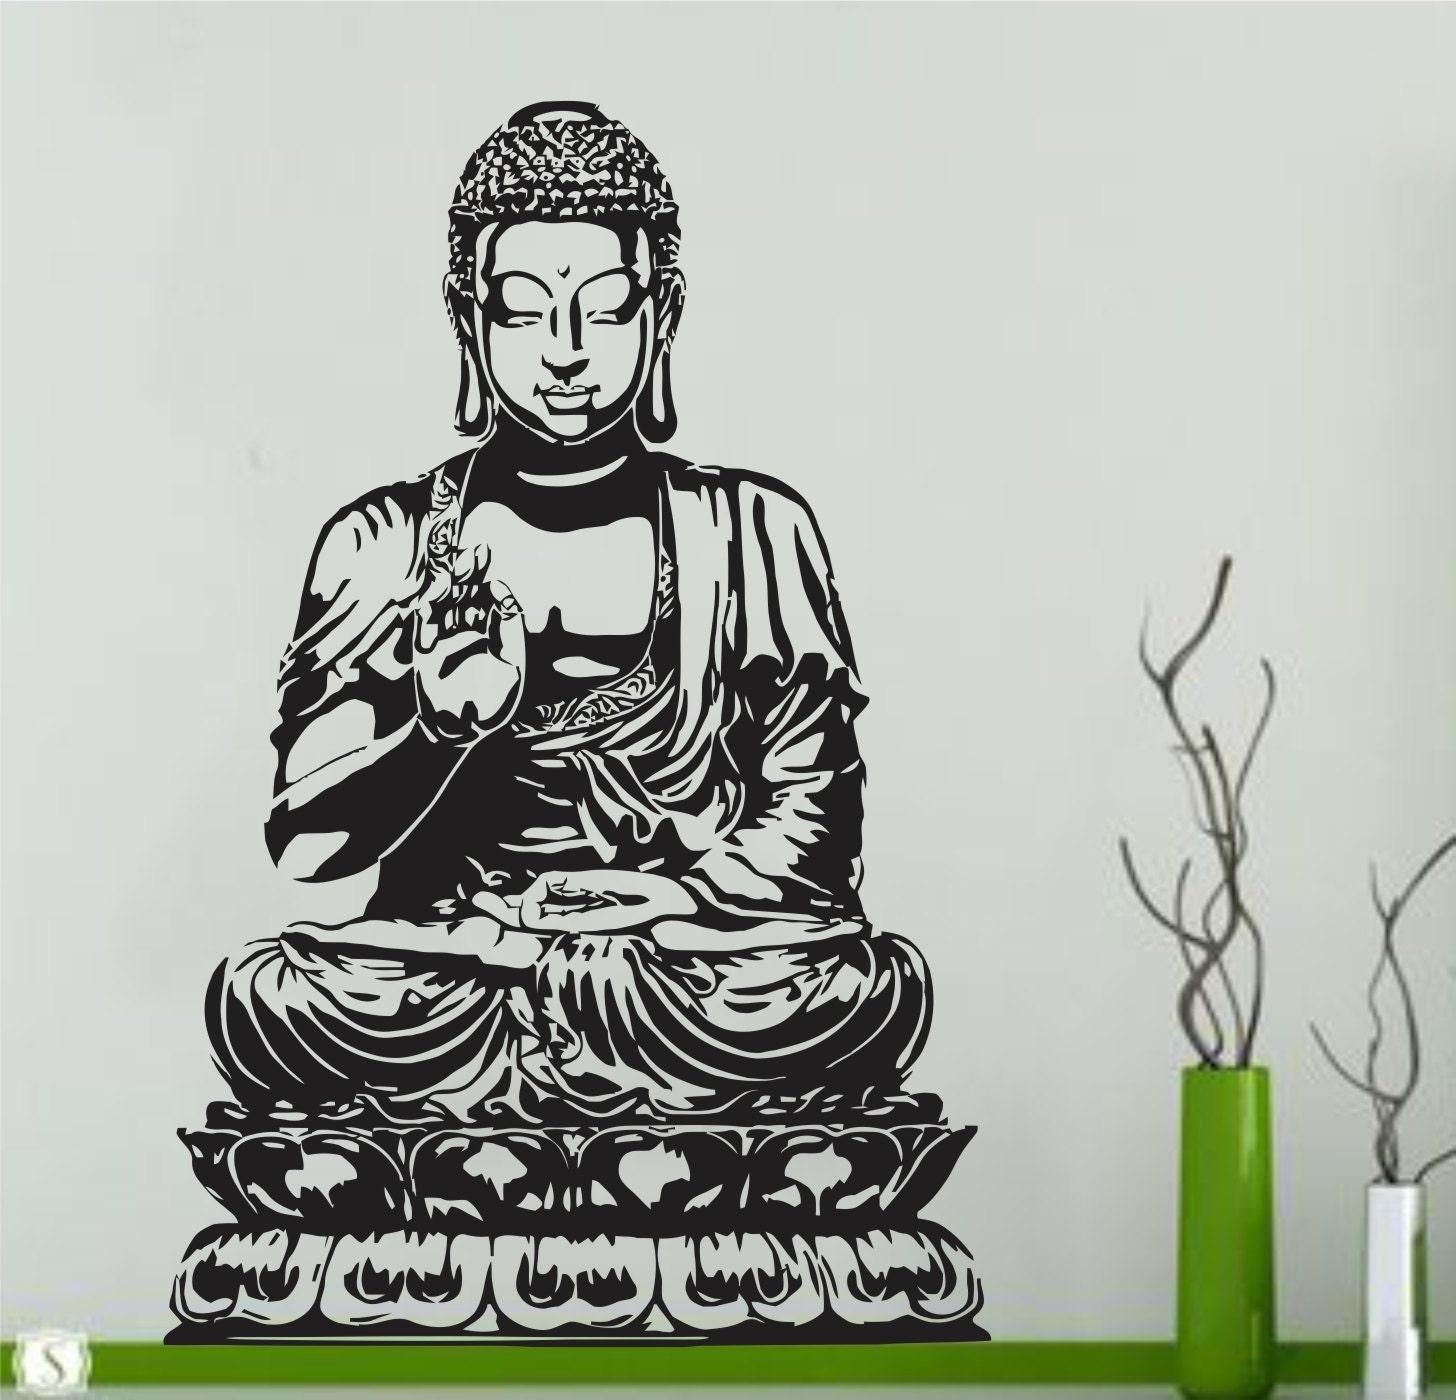 Buddha wall decal vinyl sticker decals art decor wall decal for Buddha wall art